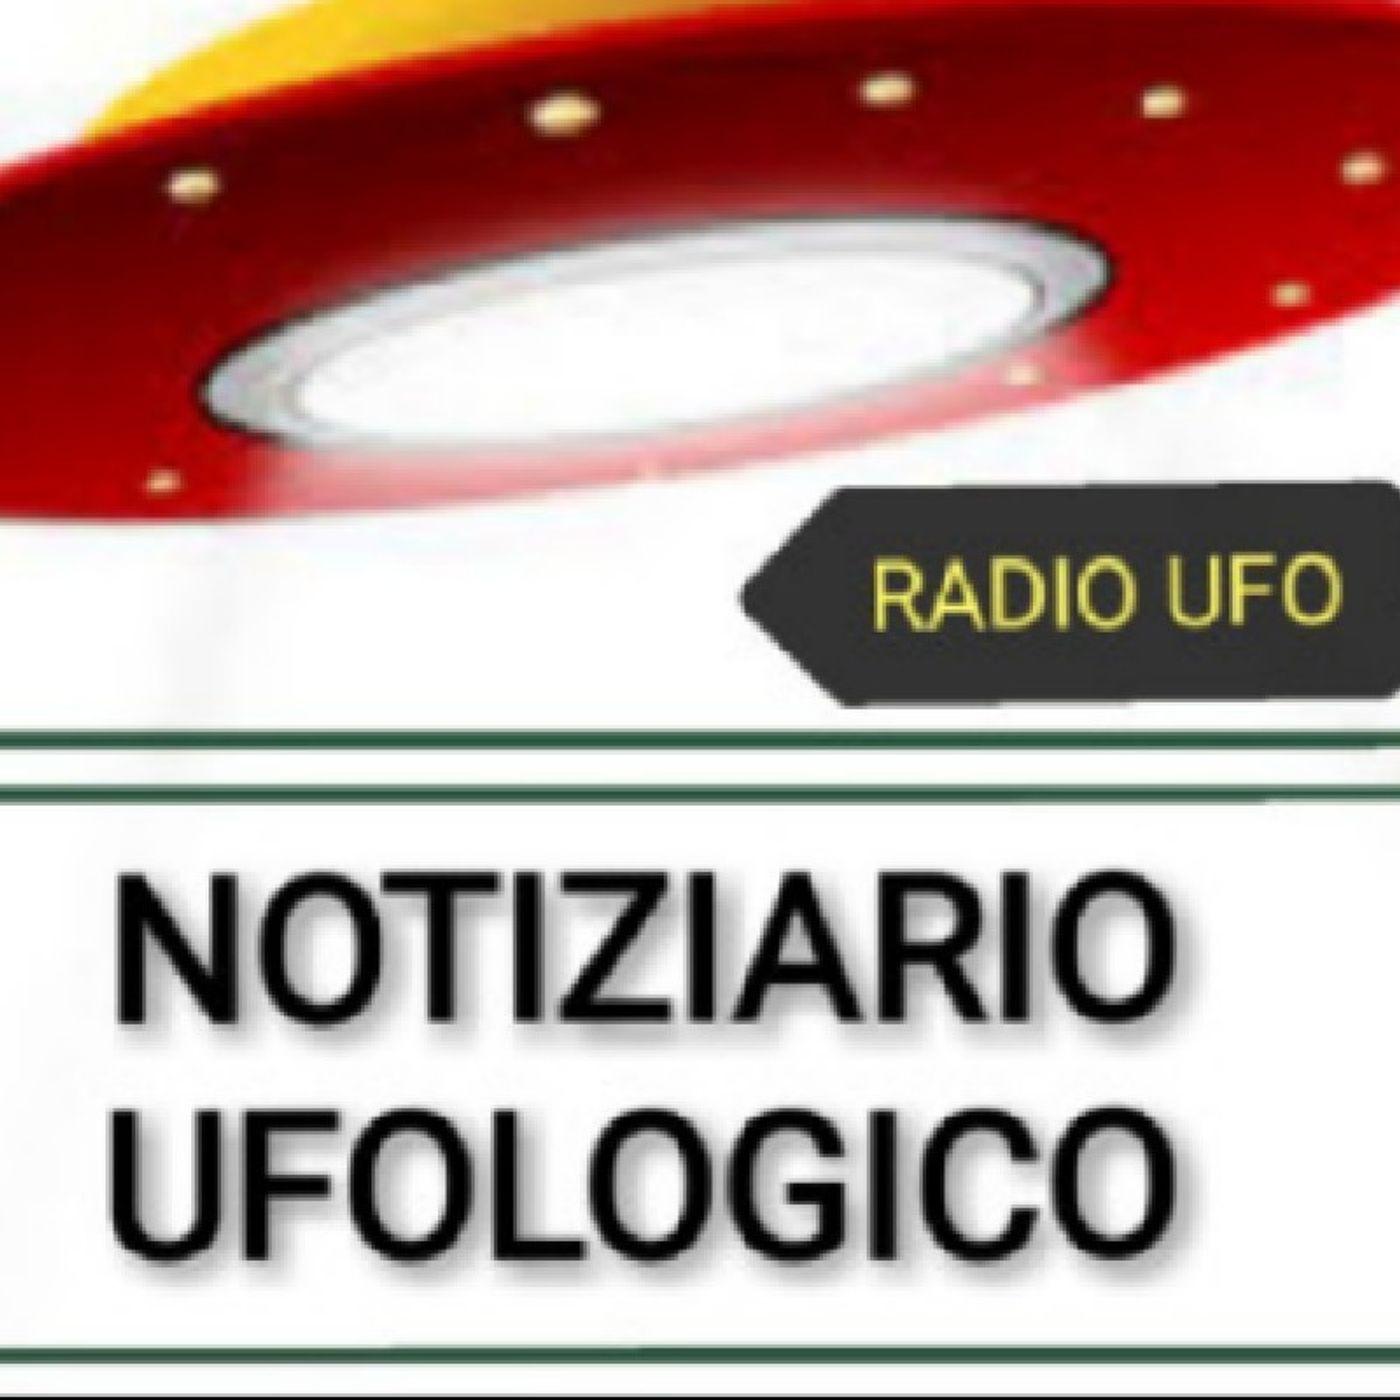 NOTIZIARIO UFOLOGICO #15